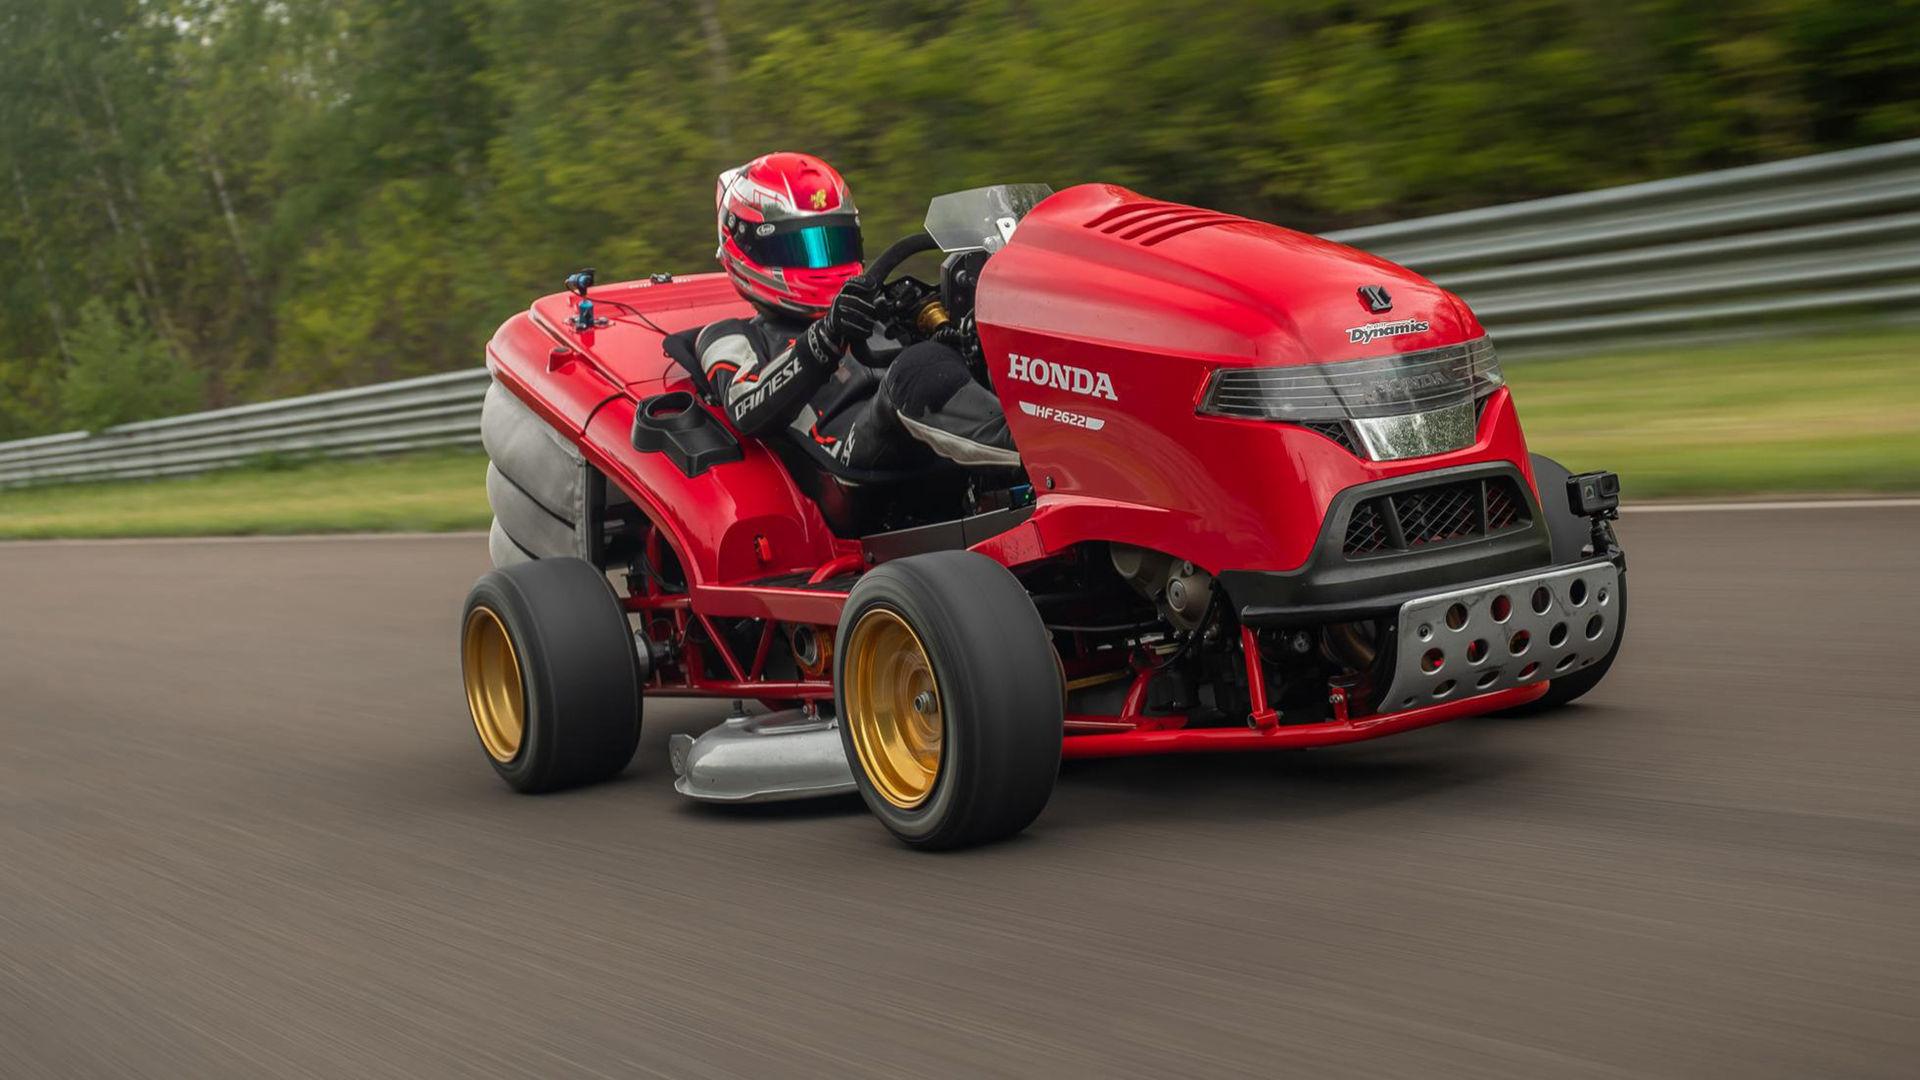 Hondas åkgräsklippare har slagit nytt rekord